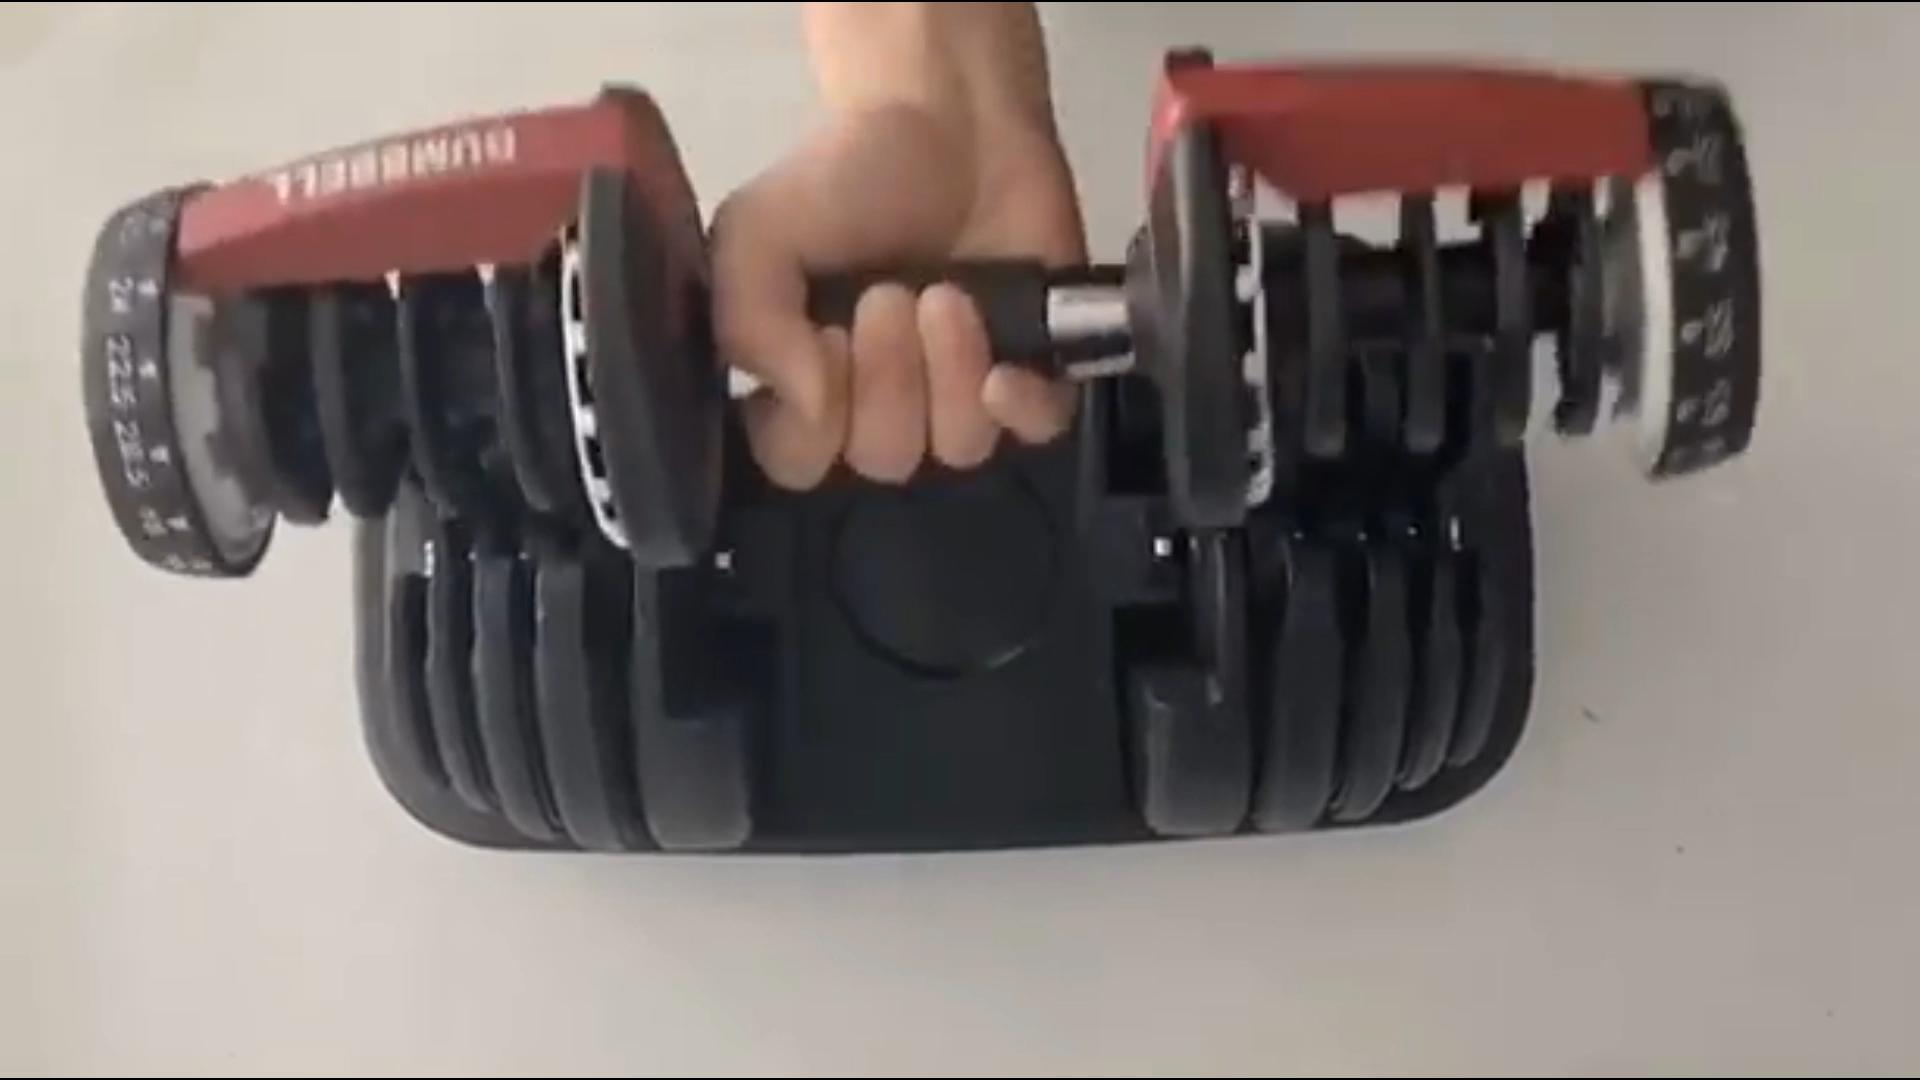 Di recente fornito ferro regolabile manubri 40kg manubri set a buon mercato sacchetto personalizzato supporter